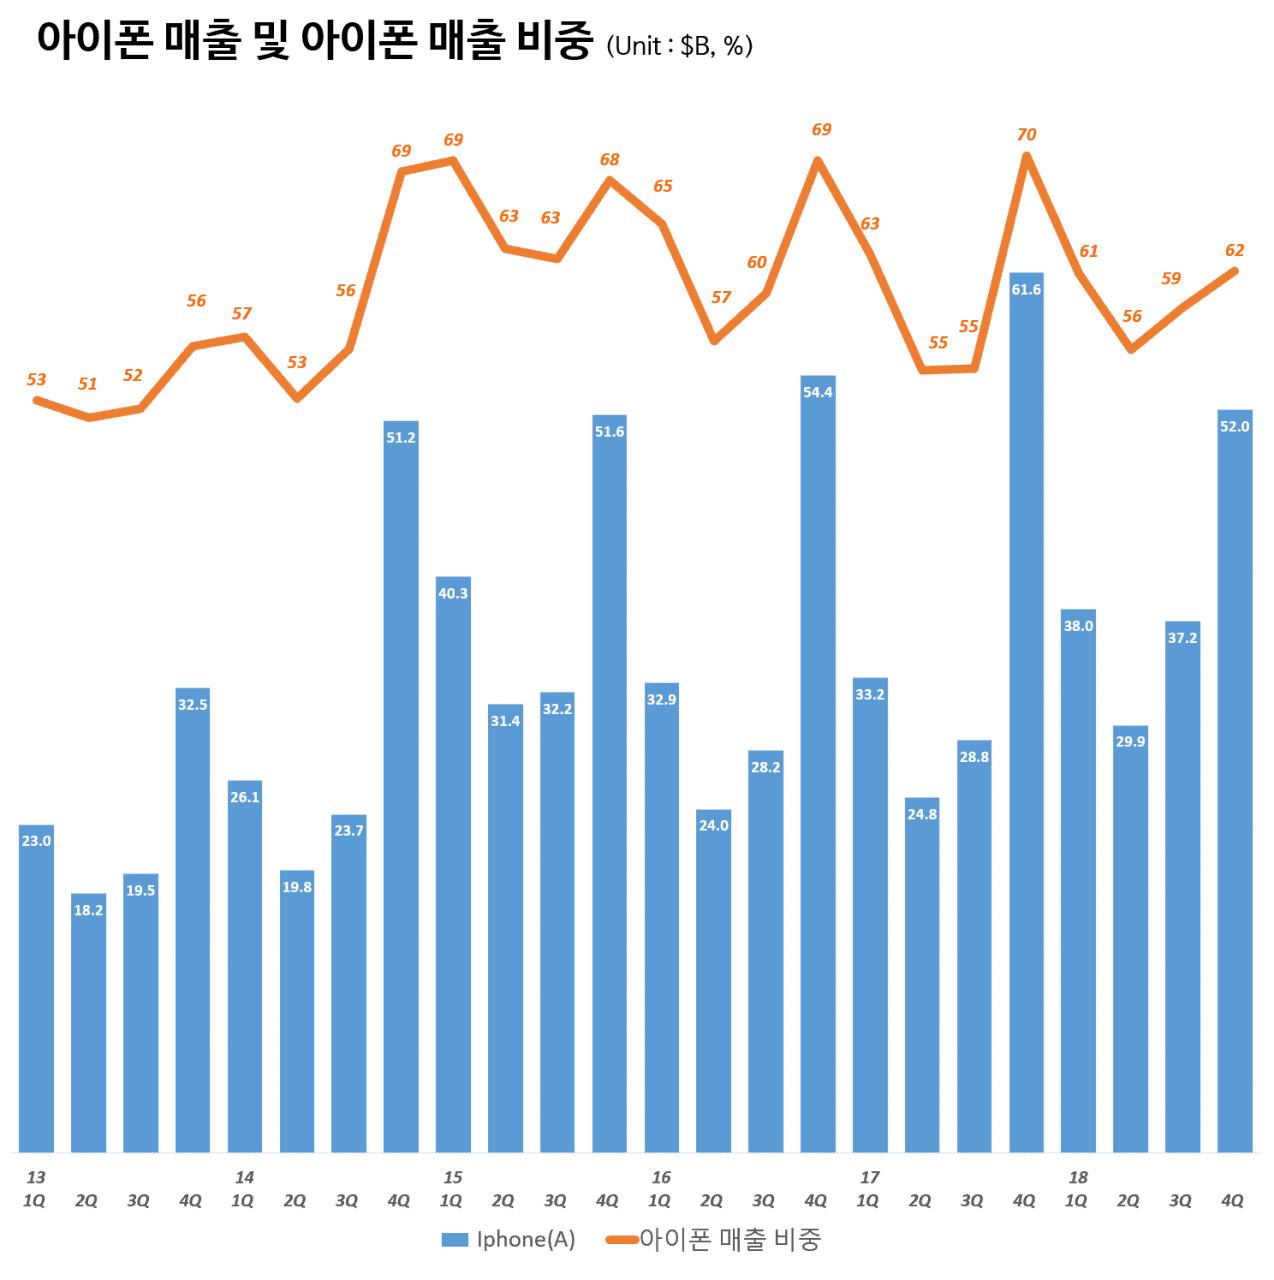 분기별 아이폰 매출 및 매출 비중(2013년 1분기~2018년 4분기) Quarterly iPhone sales and portion, Graph by Happist